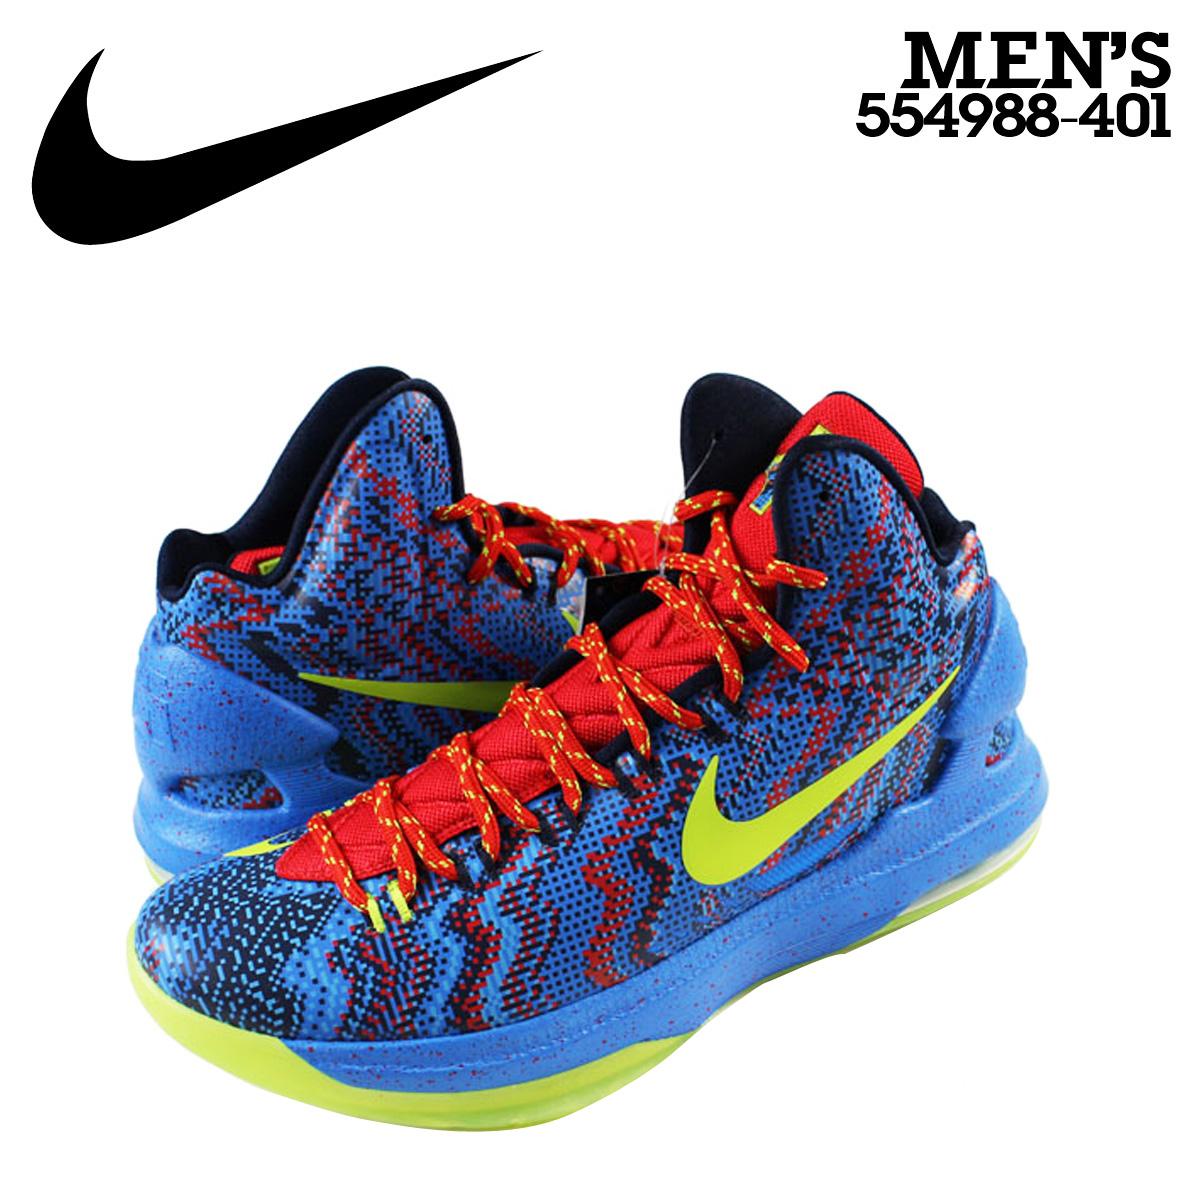 ALLSPORTS | Rakuten Global Market: Nike NIKE zoom sneakers ZOOM KD ...